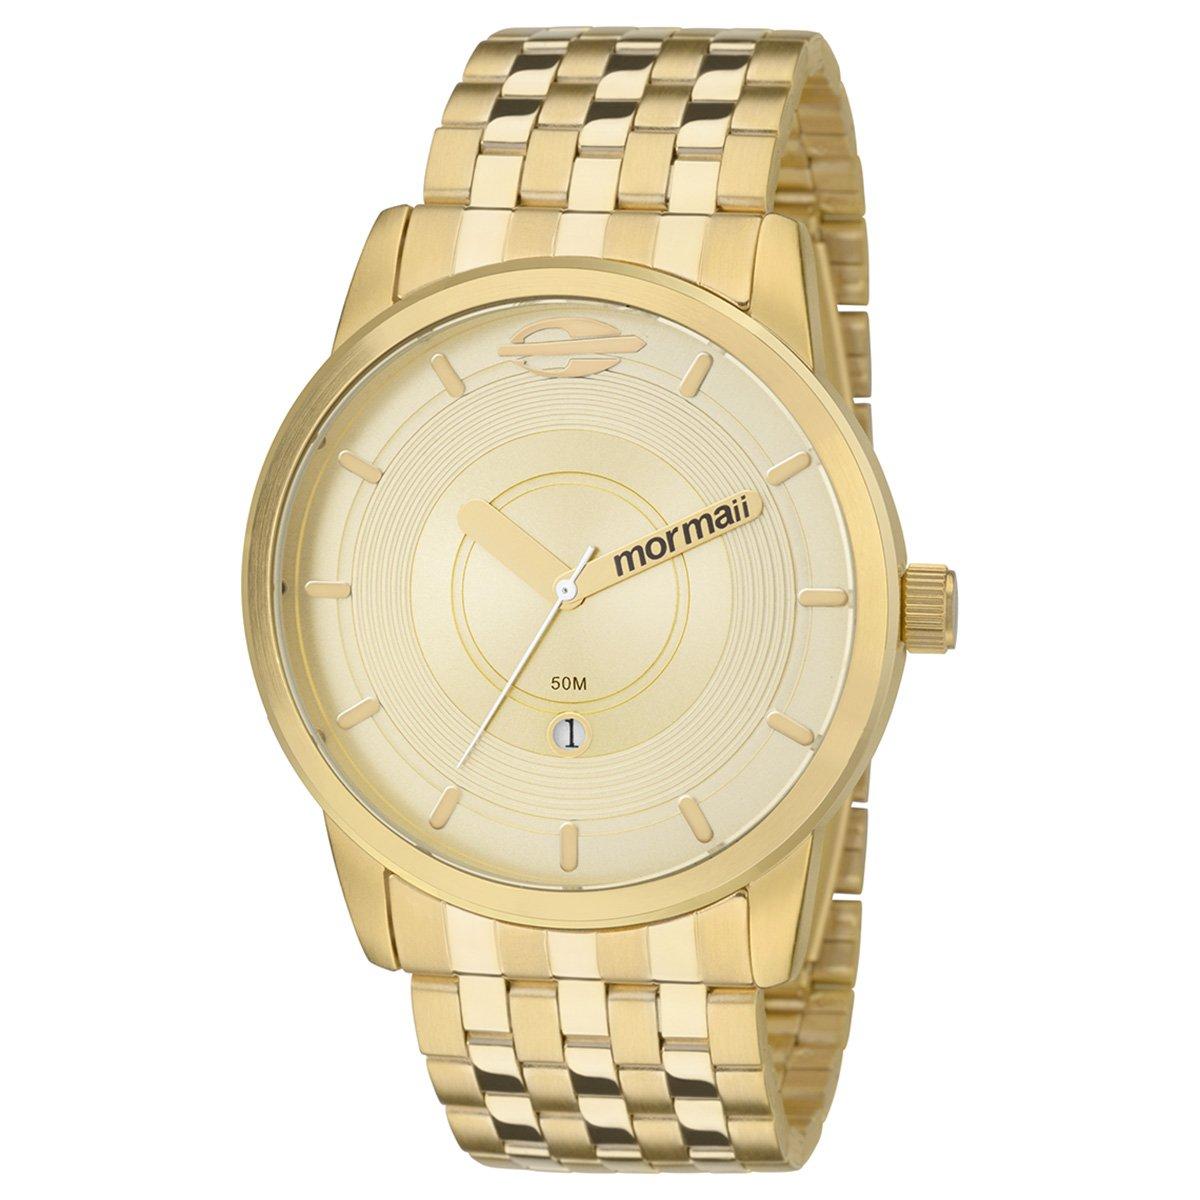 031f42606df Relógio Mormaii Analógico MO2115AC-4D Masculino - Compre Agora ...